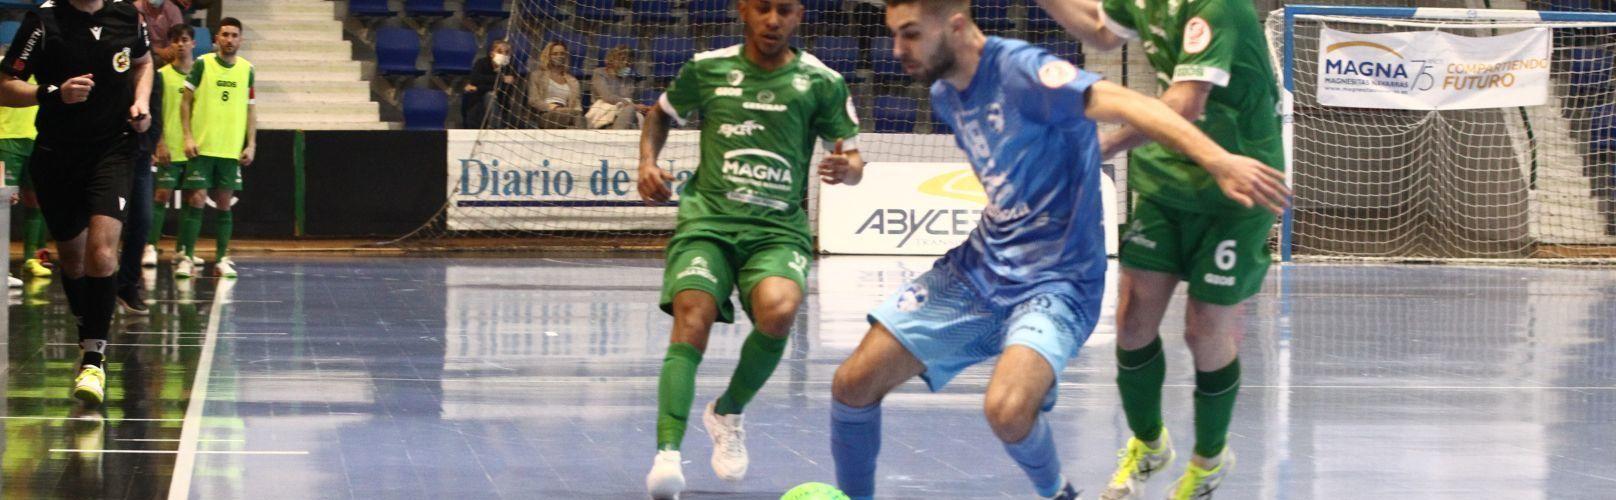 El Peñíscola Globeenergy vuelve a sumar fuera de casa al empatar 1-1 en Pamplona